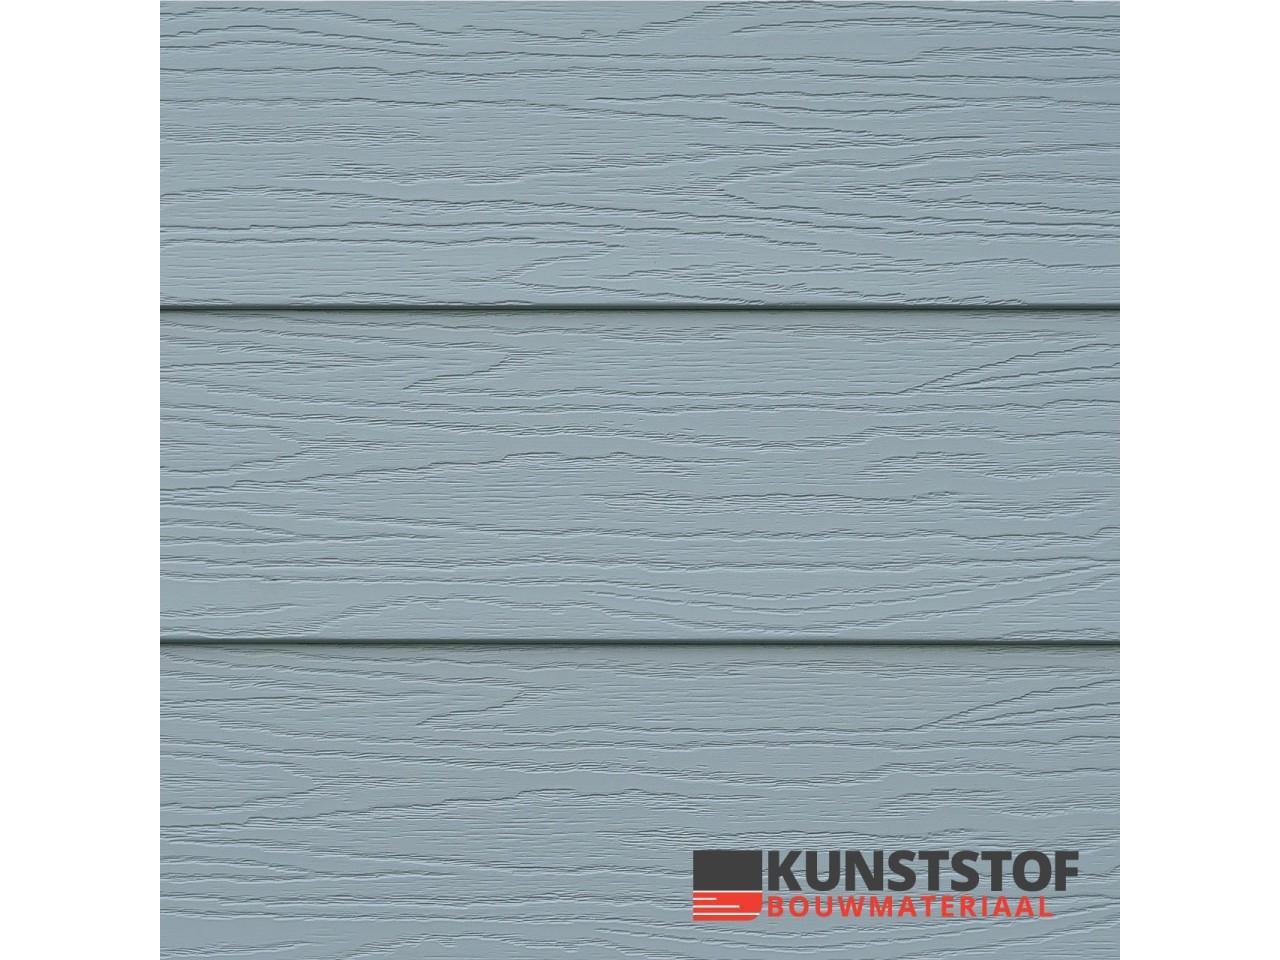 Eurotexx Potdeksel grijs - RAL7001- gevelbekleding- Zweeds rabat - kunststof